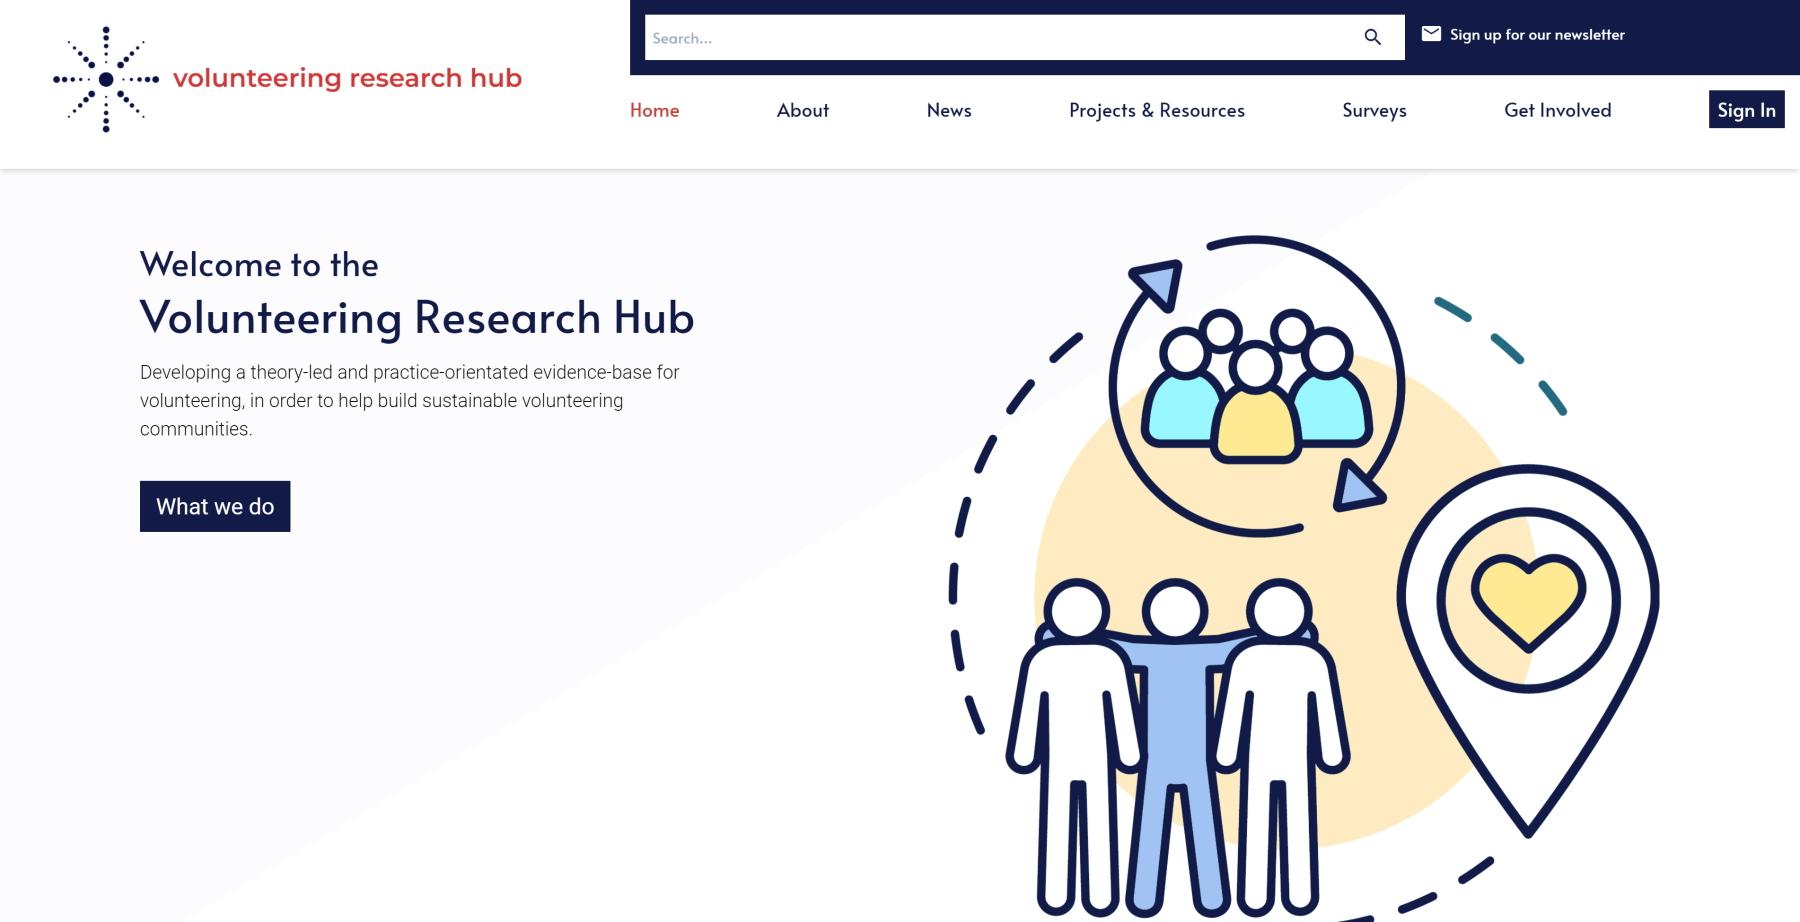 Volunteering Research Hub